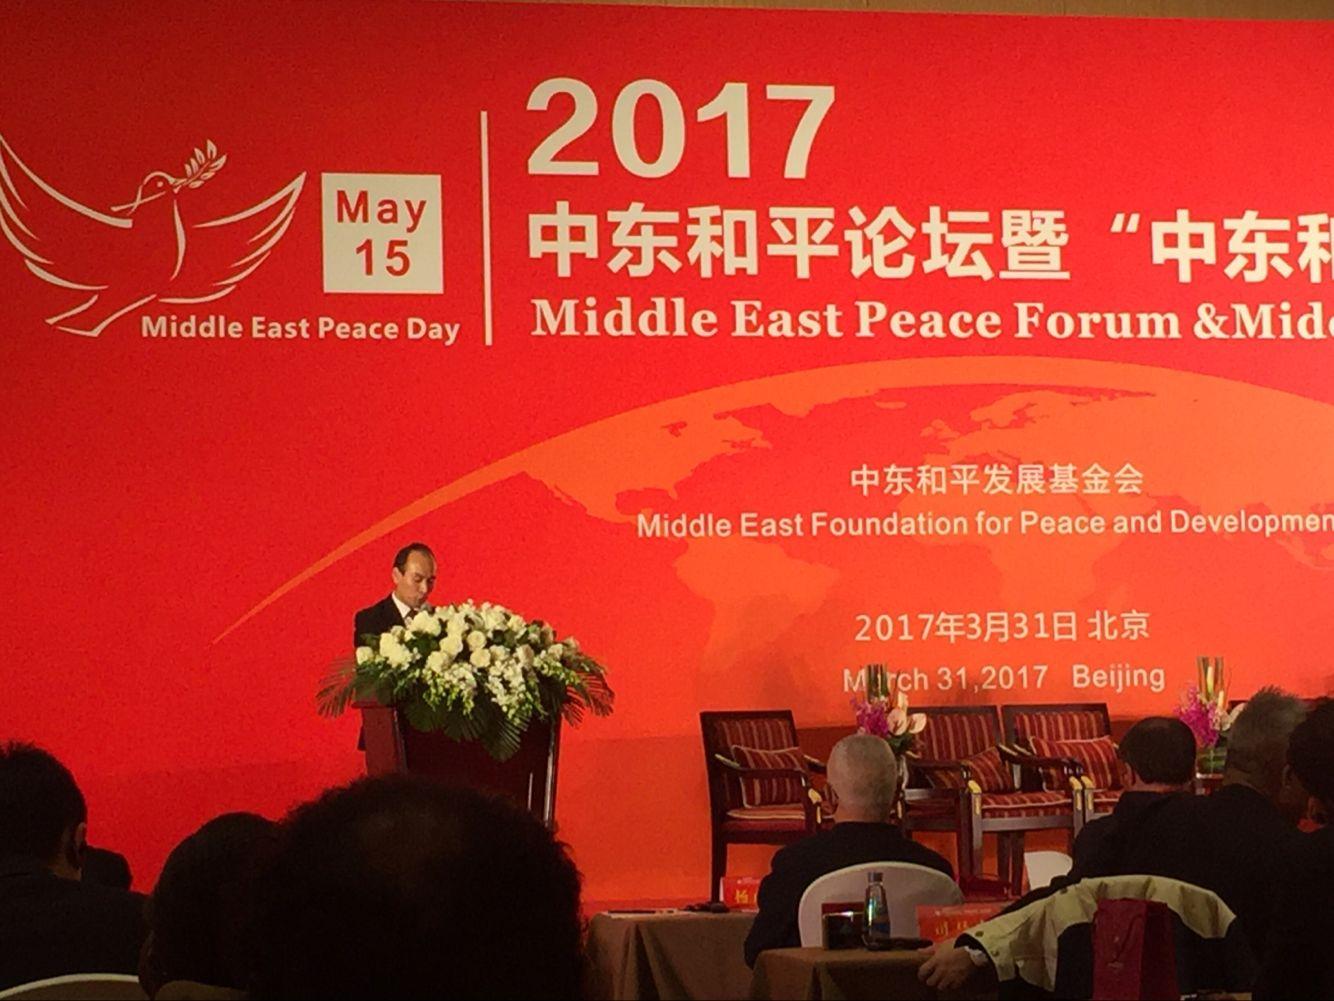 中方倡议设立中东和平日 实现24小时停火